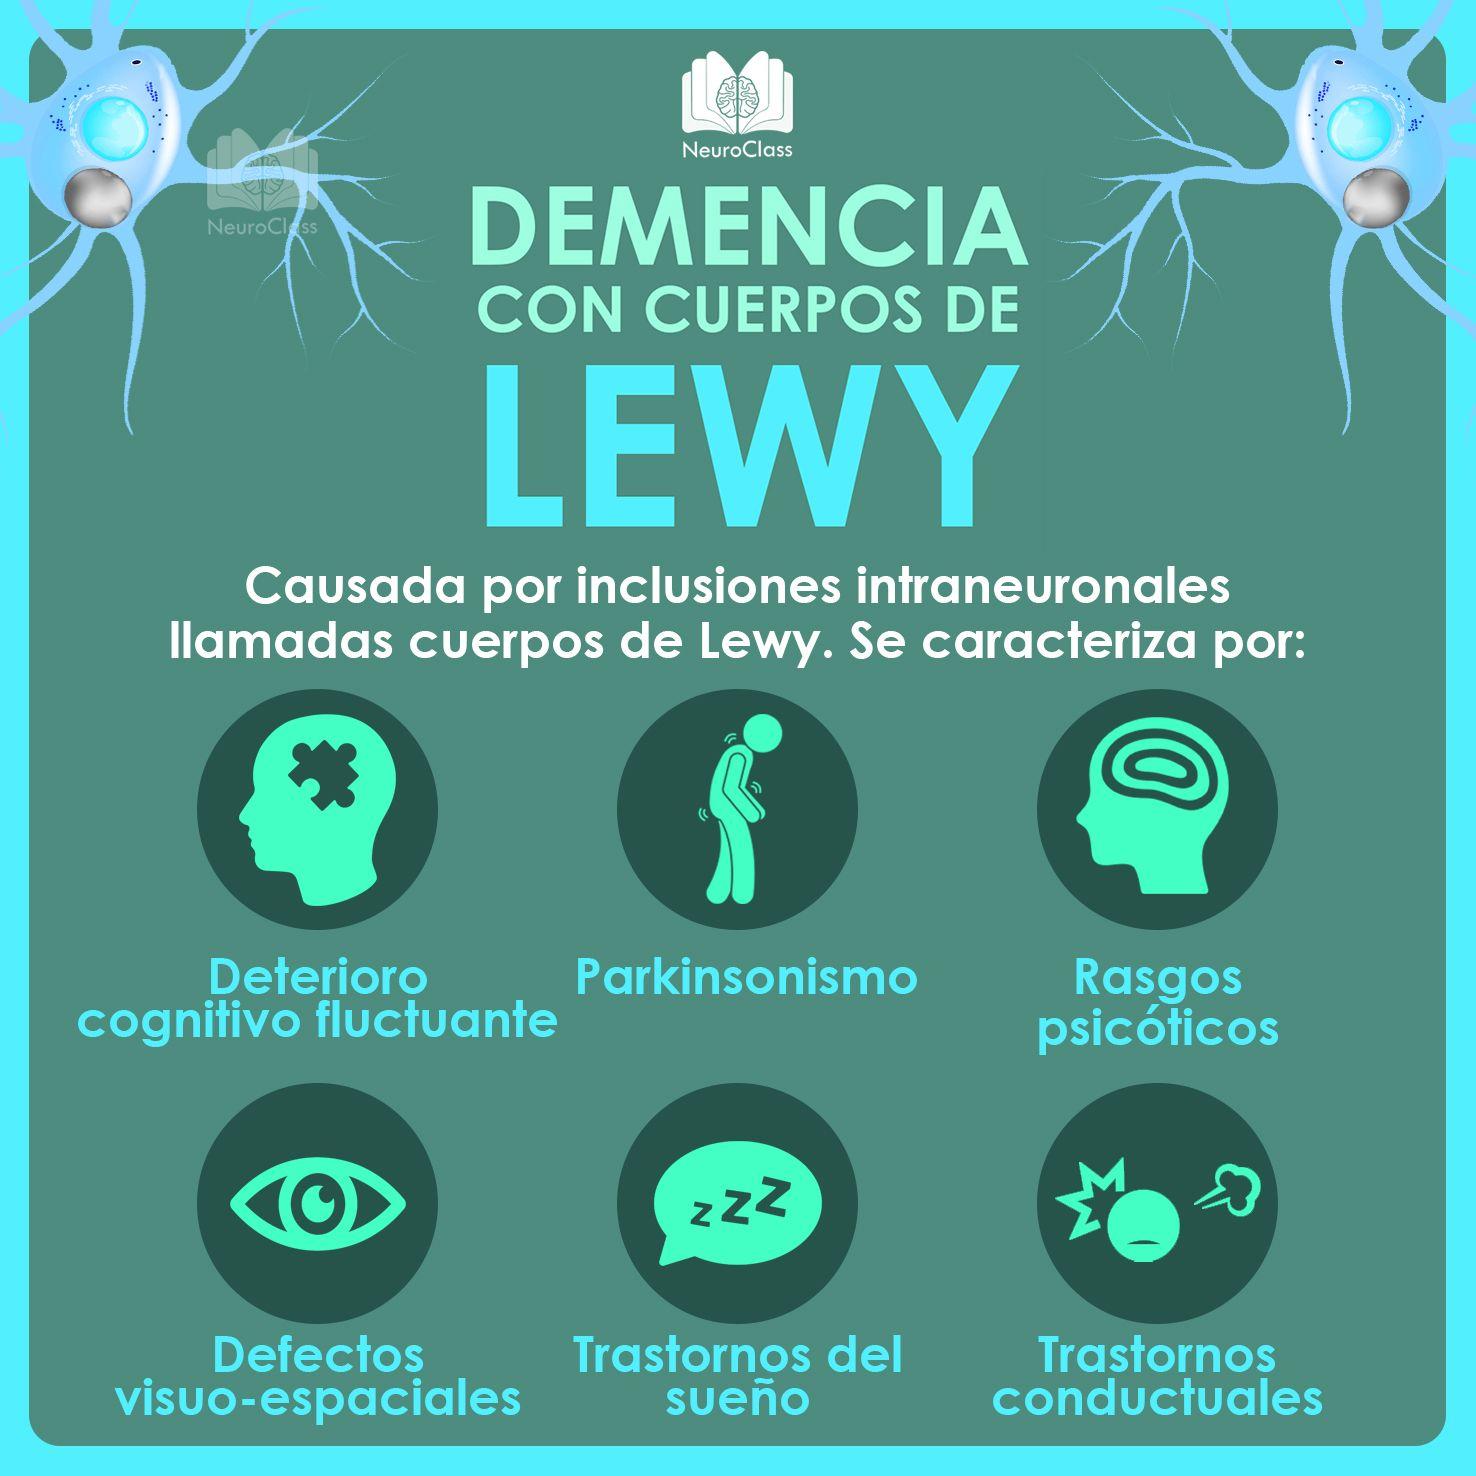 Demencia con cuerpos de Lewy